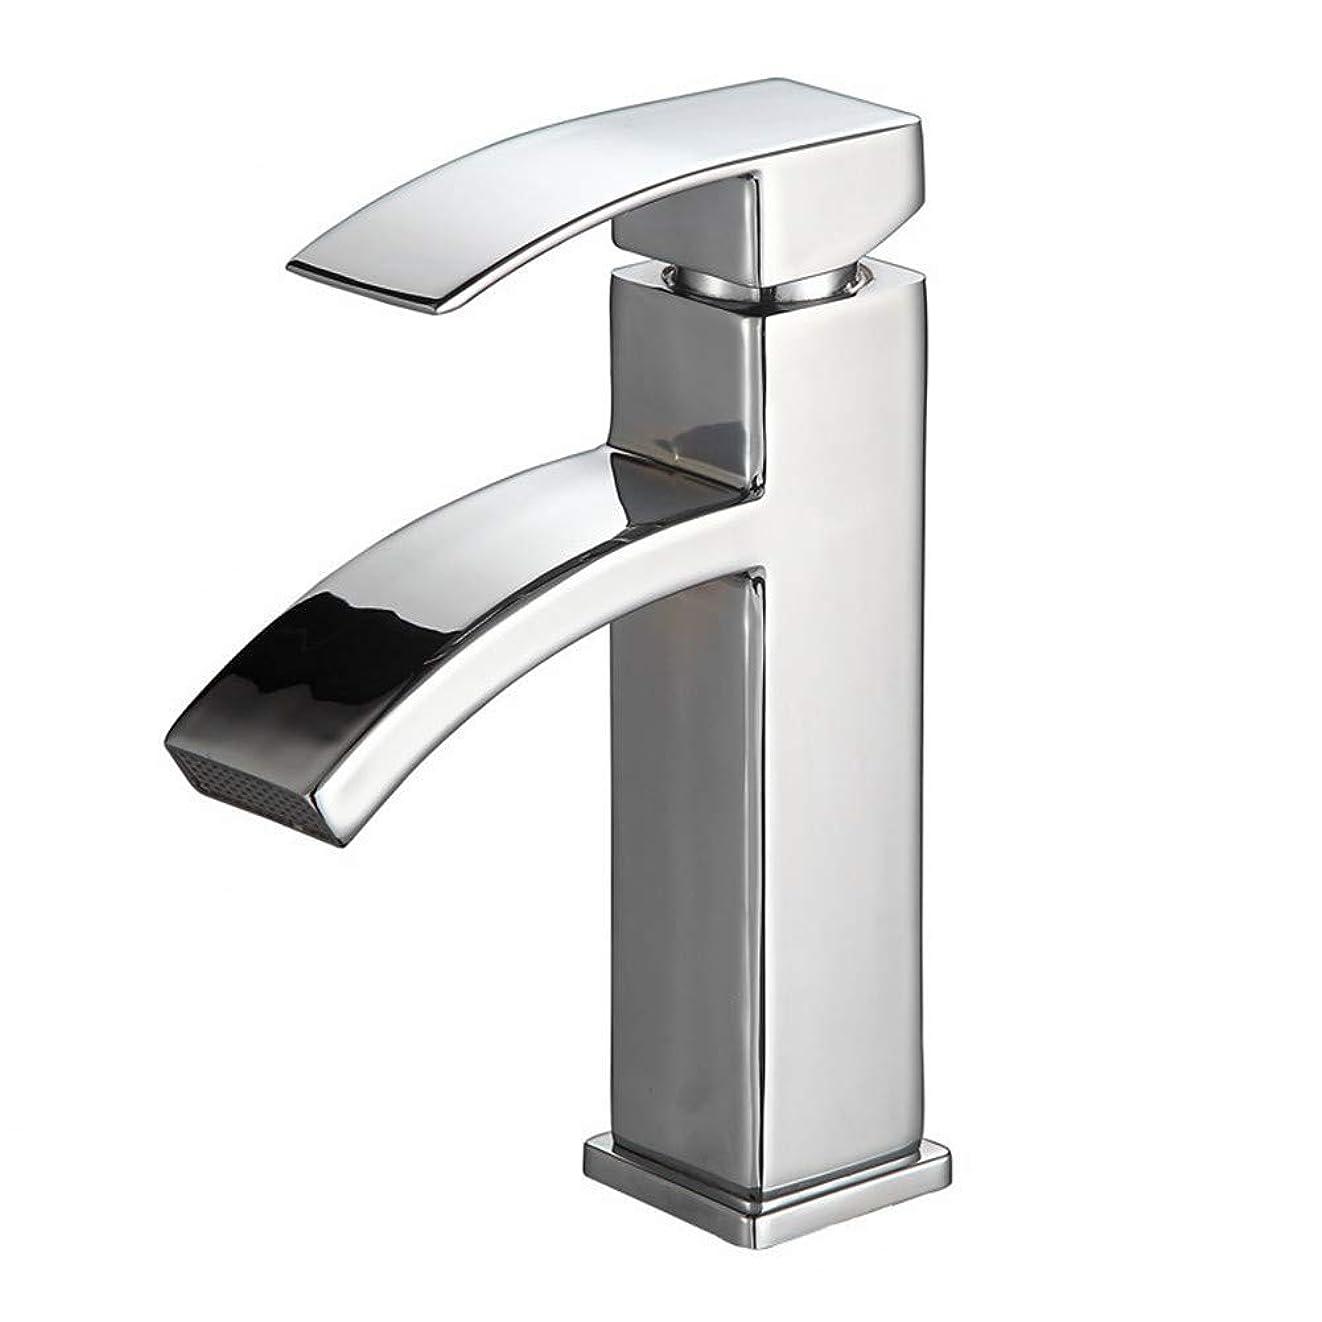 に負けるパーツ水っぽい浴室の単一のレバーの単一の洗面器のミキサーの蛇口、レバーのコックの洗面所の単一のレバーの単一の洗面器のミキサーの蛇口